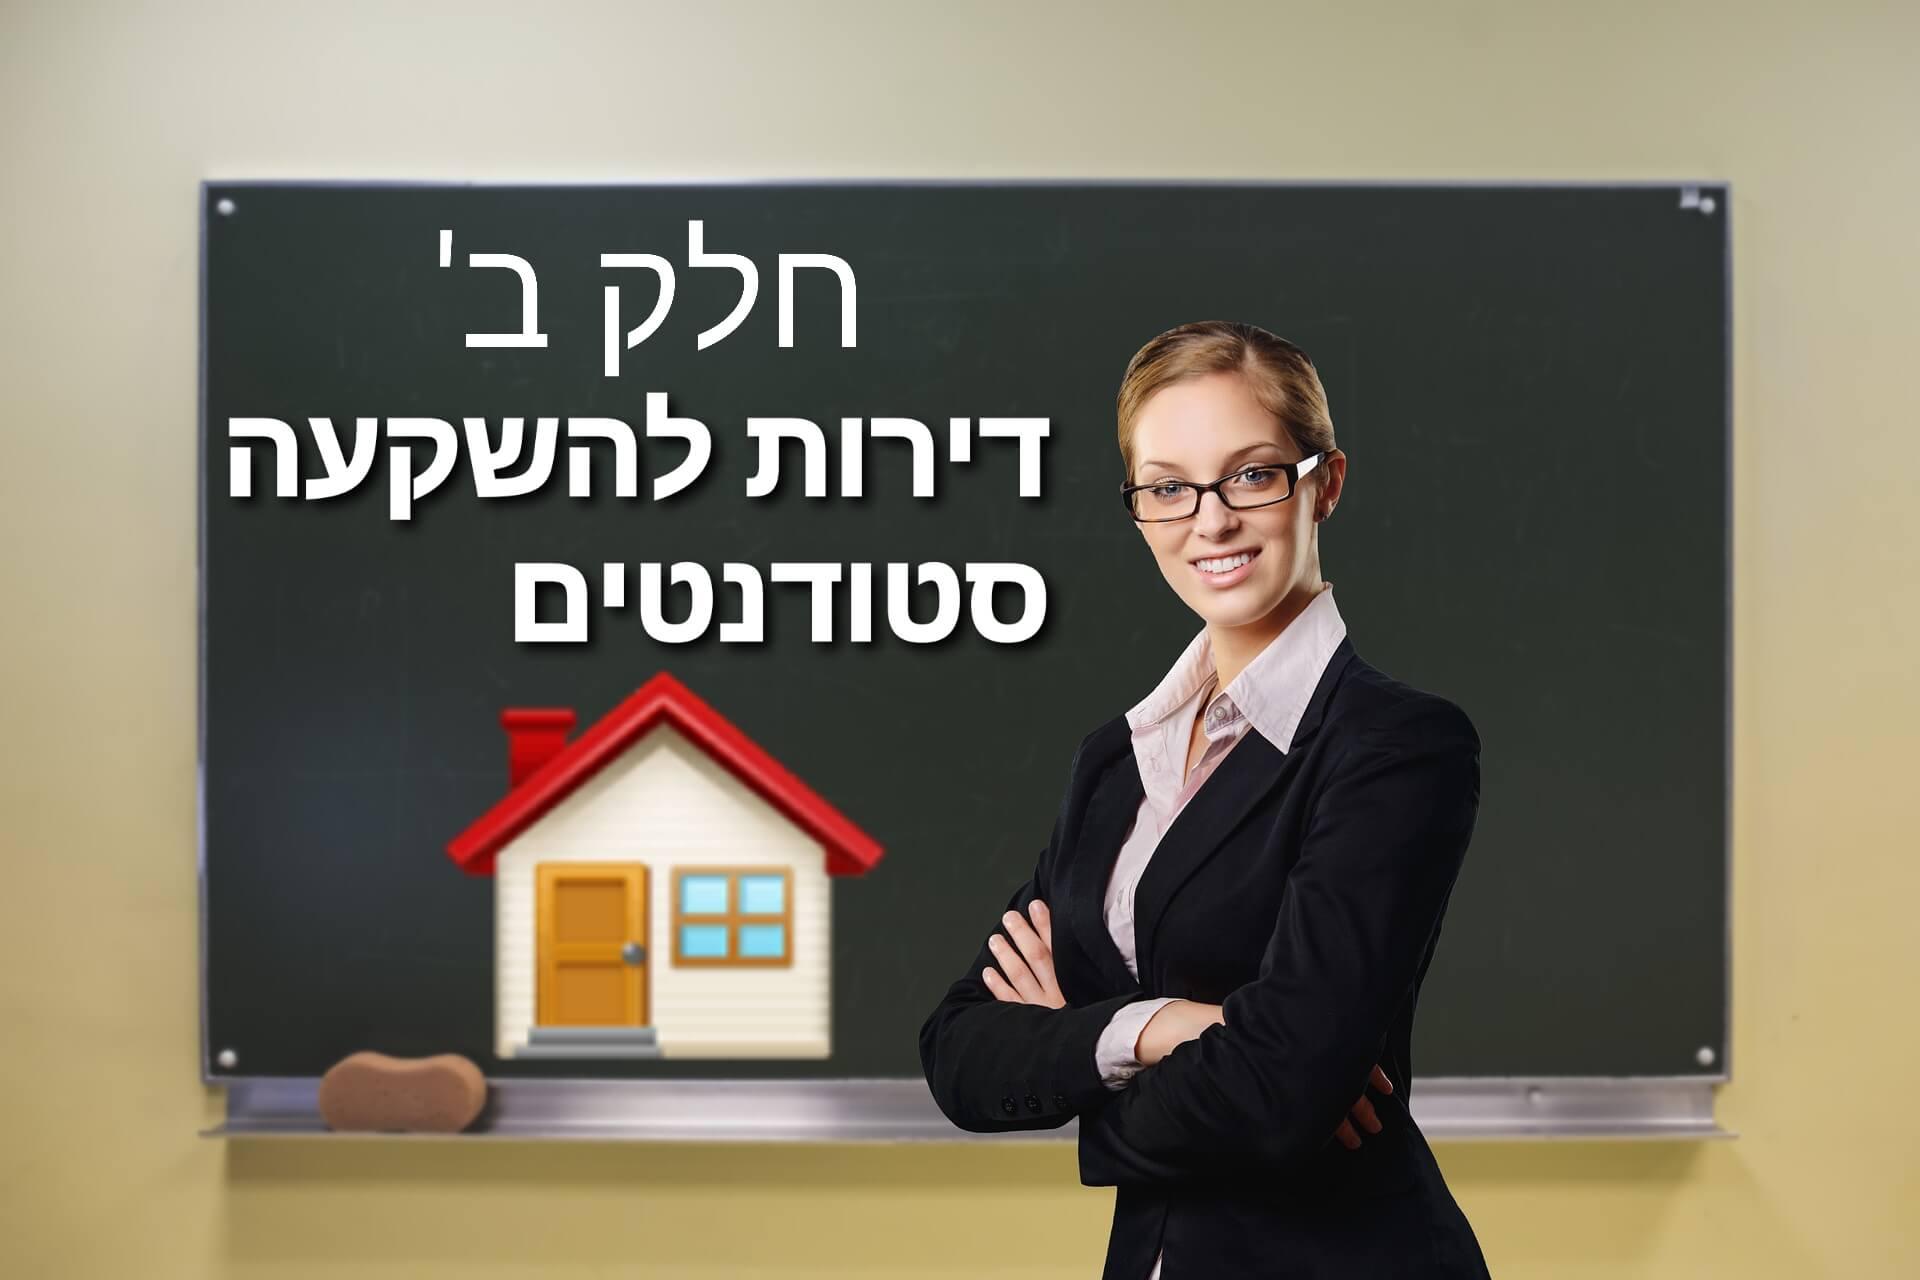 דירות להשקעה (סטודנטים) - חלק ב